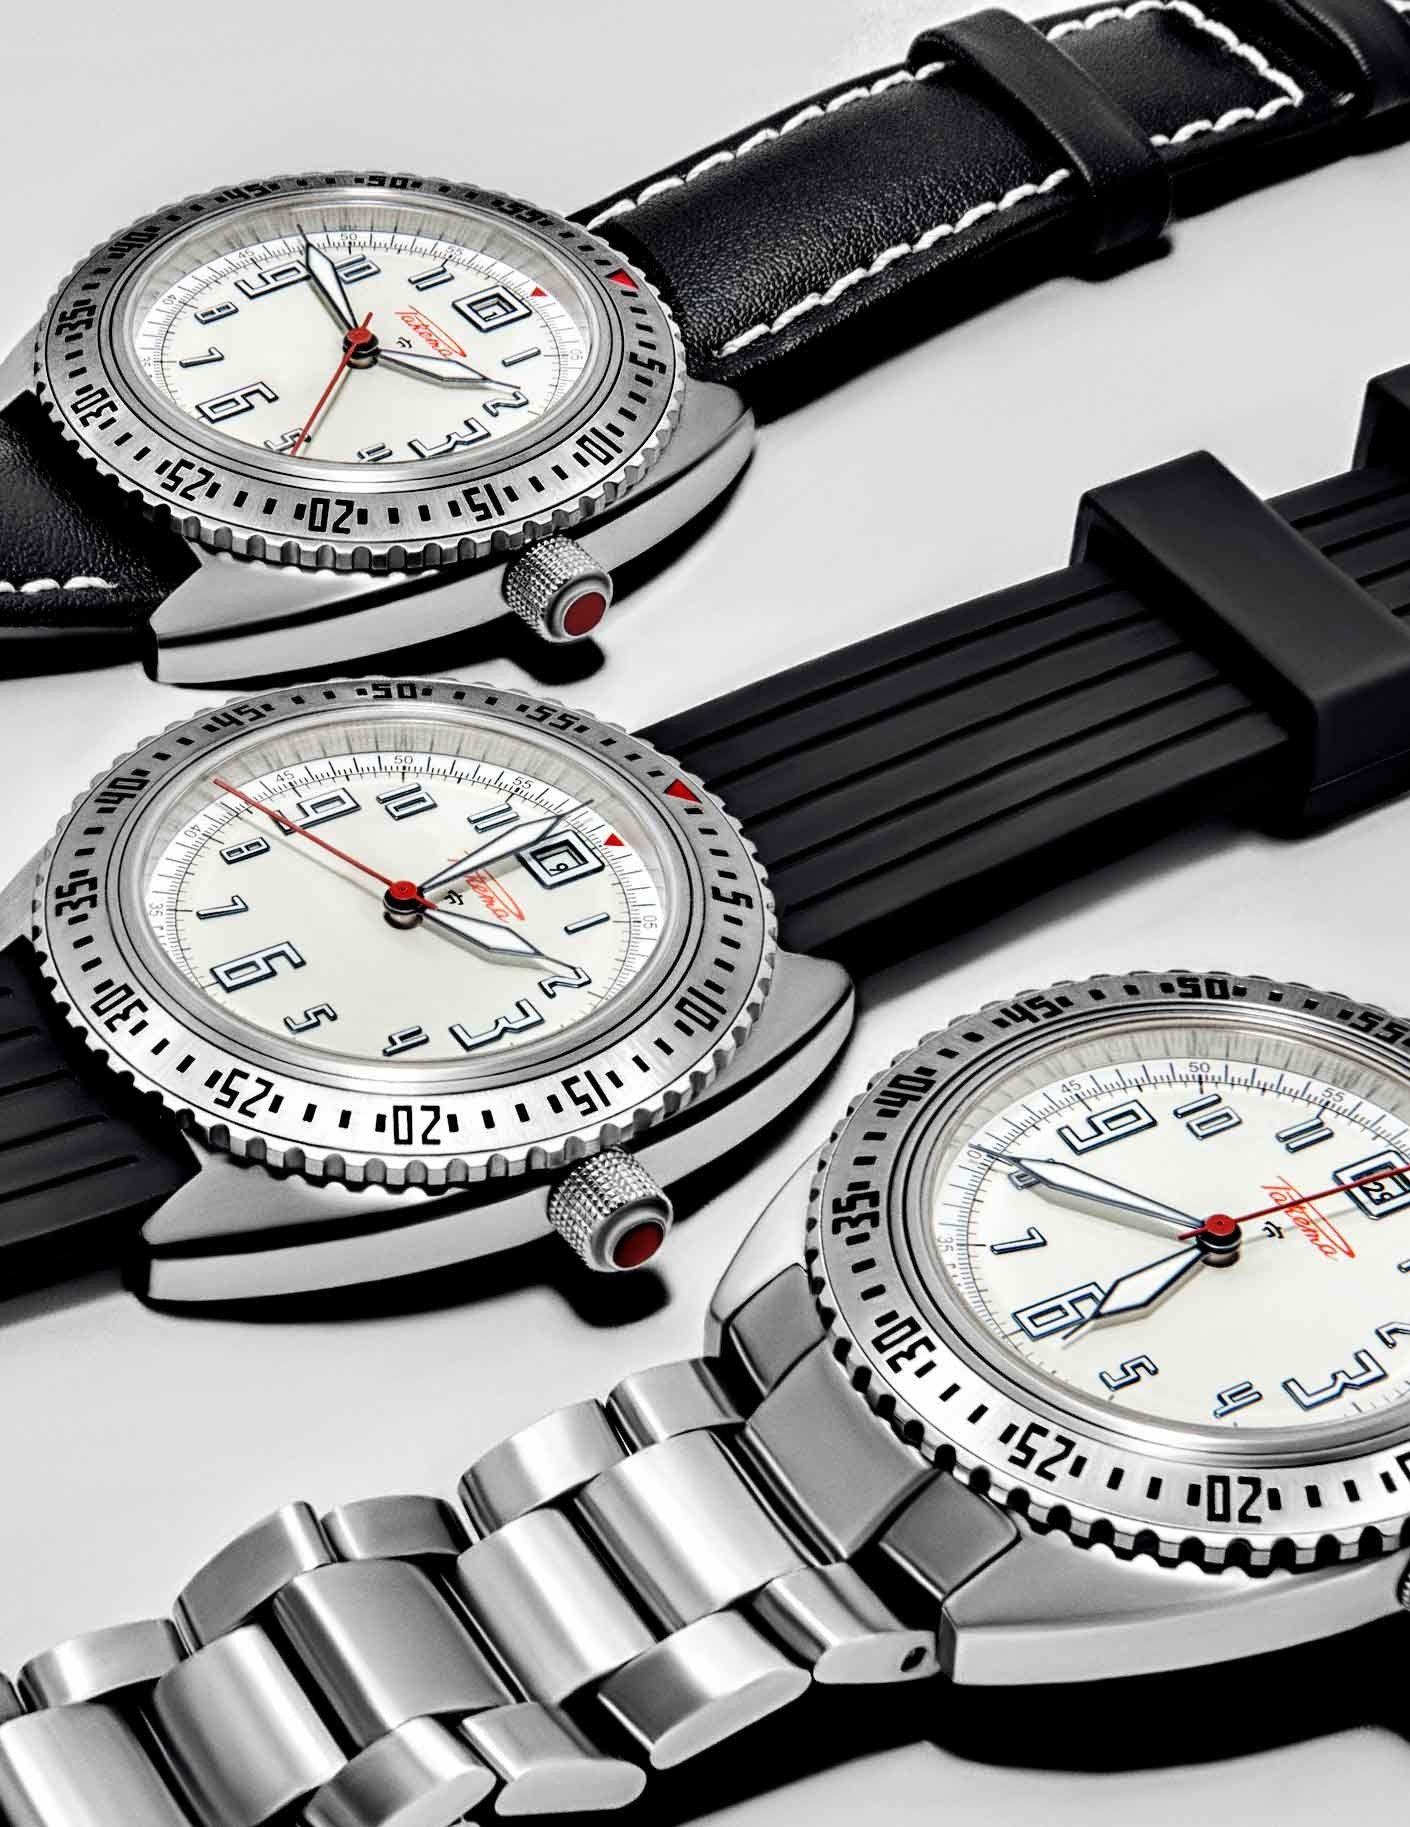 1a7e0a20 Часы сделано в России ! Часы для пилотов-штурмовиков СУ-25 разработаны  совместно с